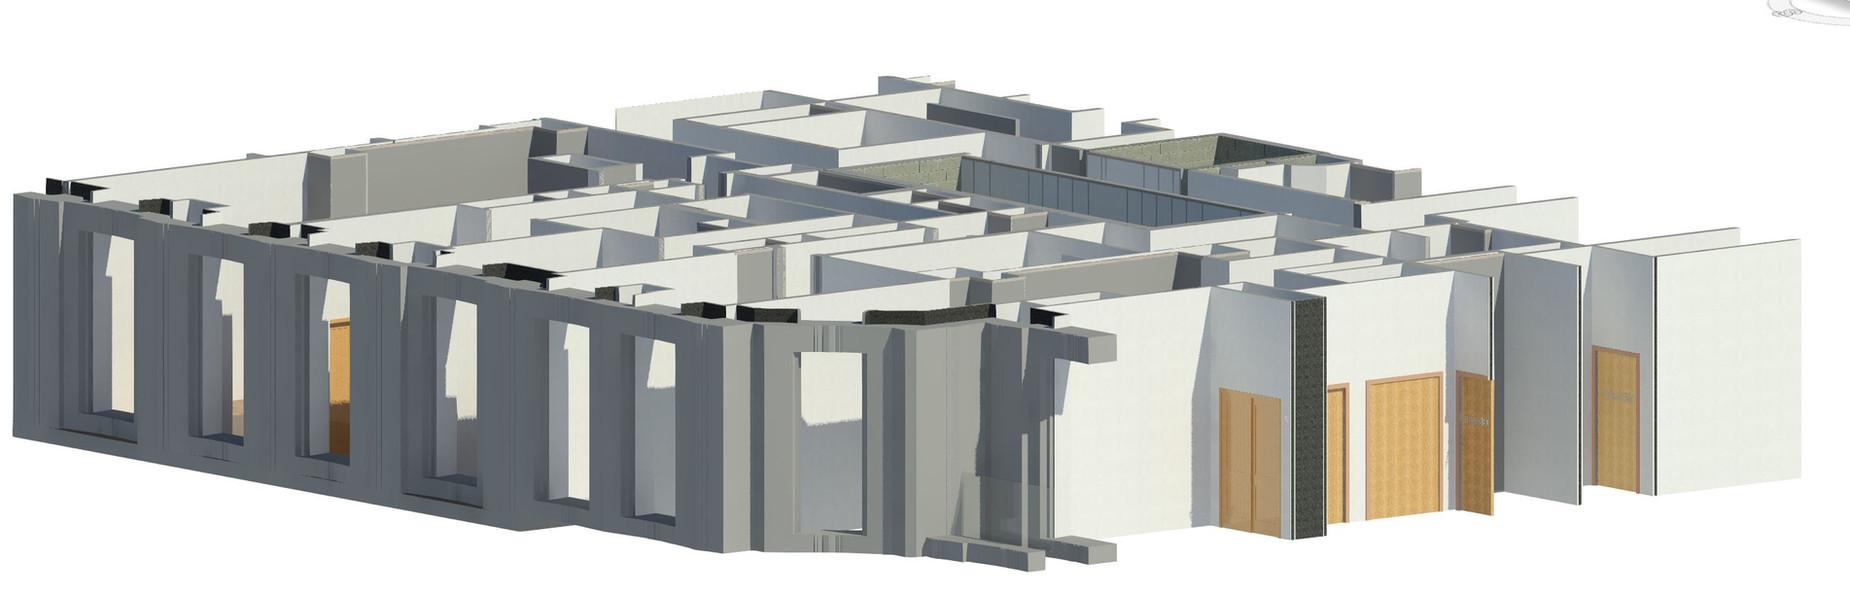 OWS render view.JPG